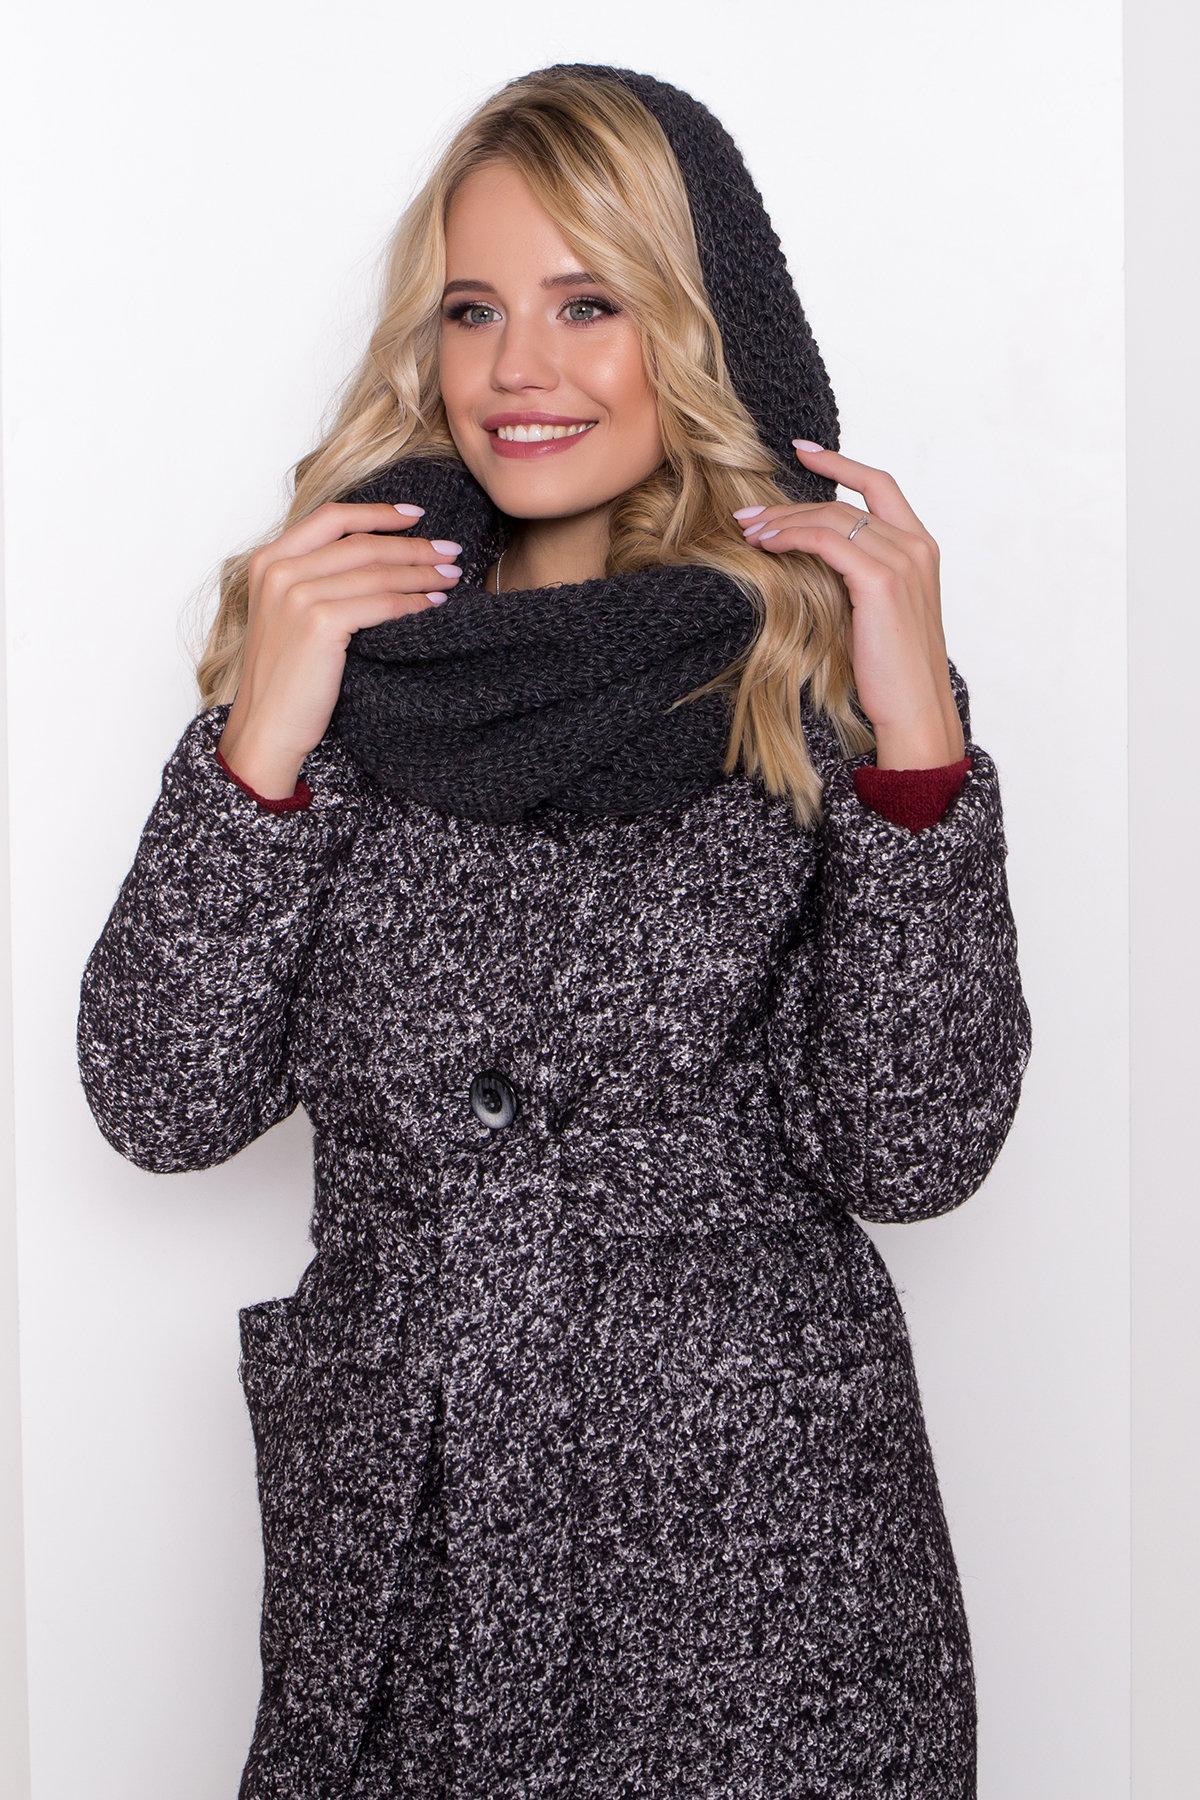 Теплое зимнее пальто буклированная шерсть Вива макси 8349 АРТ. 44517 Цвет: Черный/серый 61 - фото 17, интернет магазин tm-modus.ru